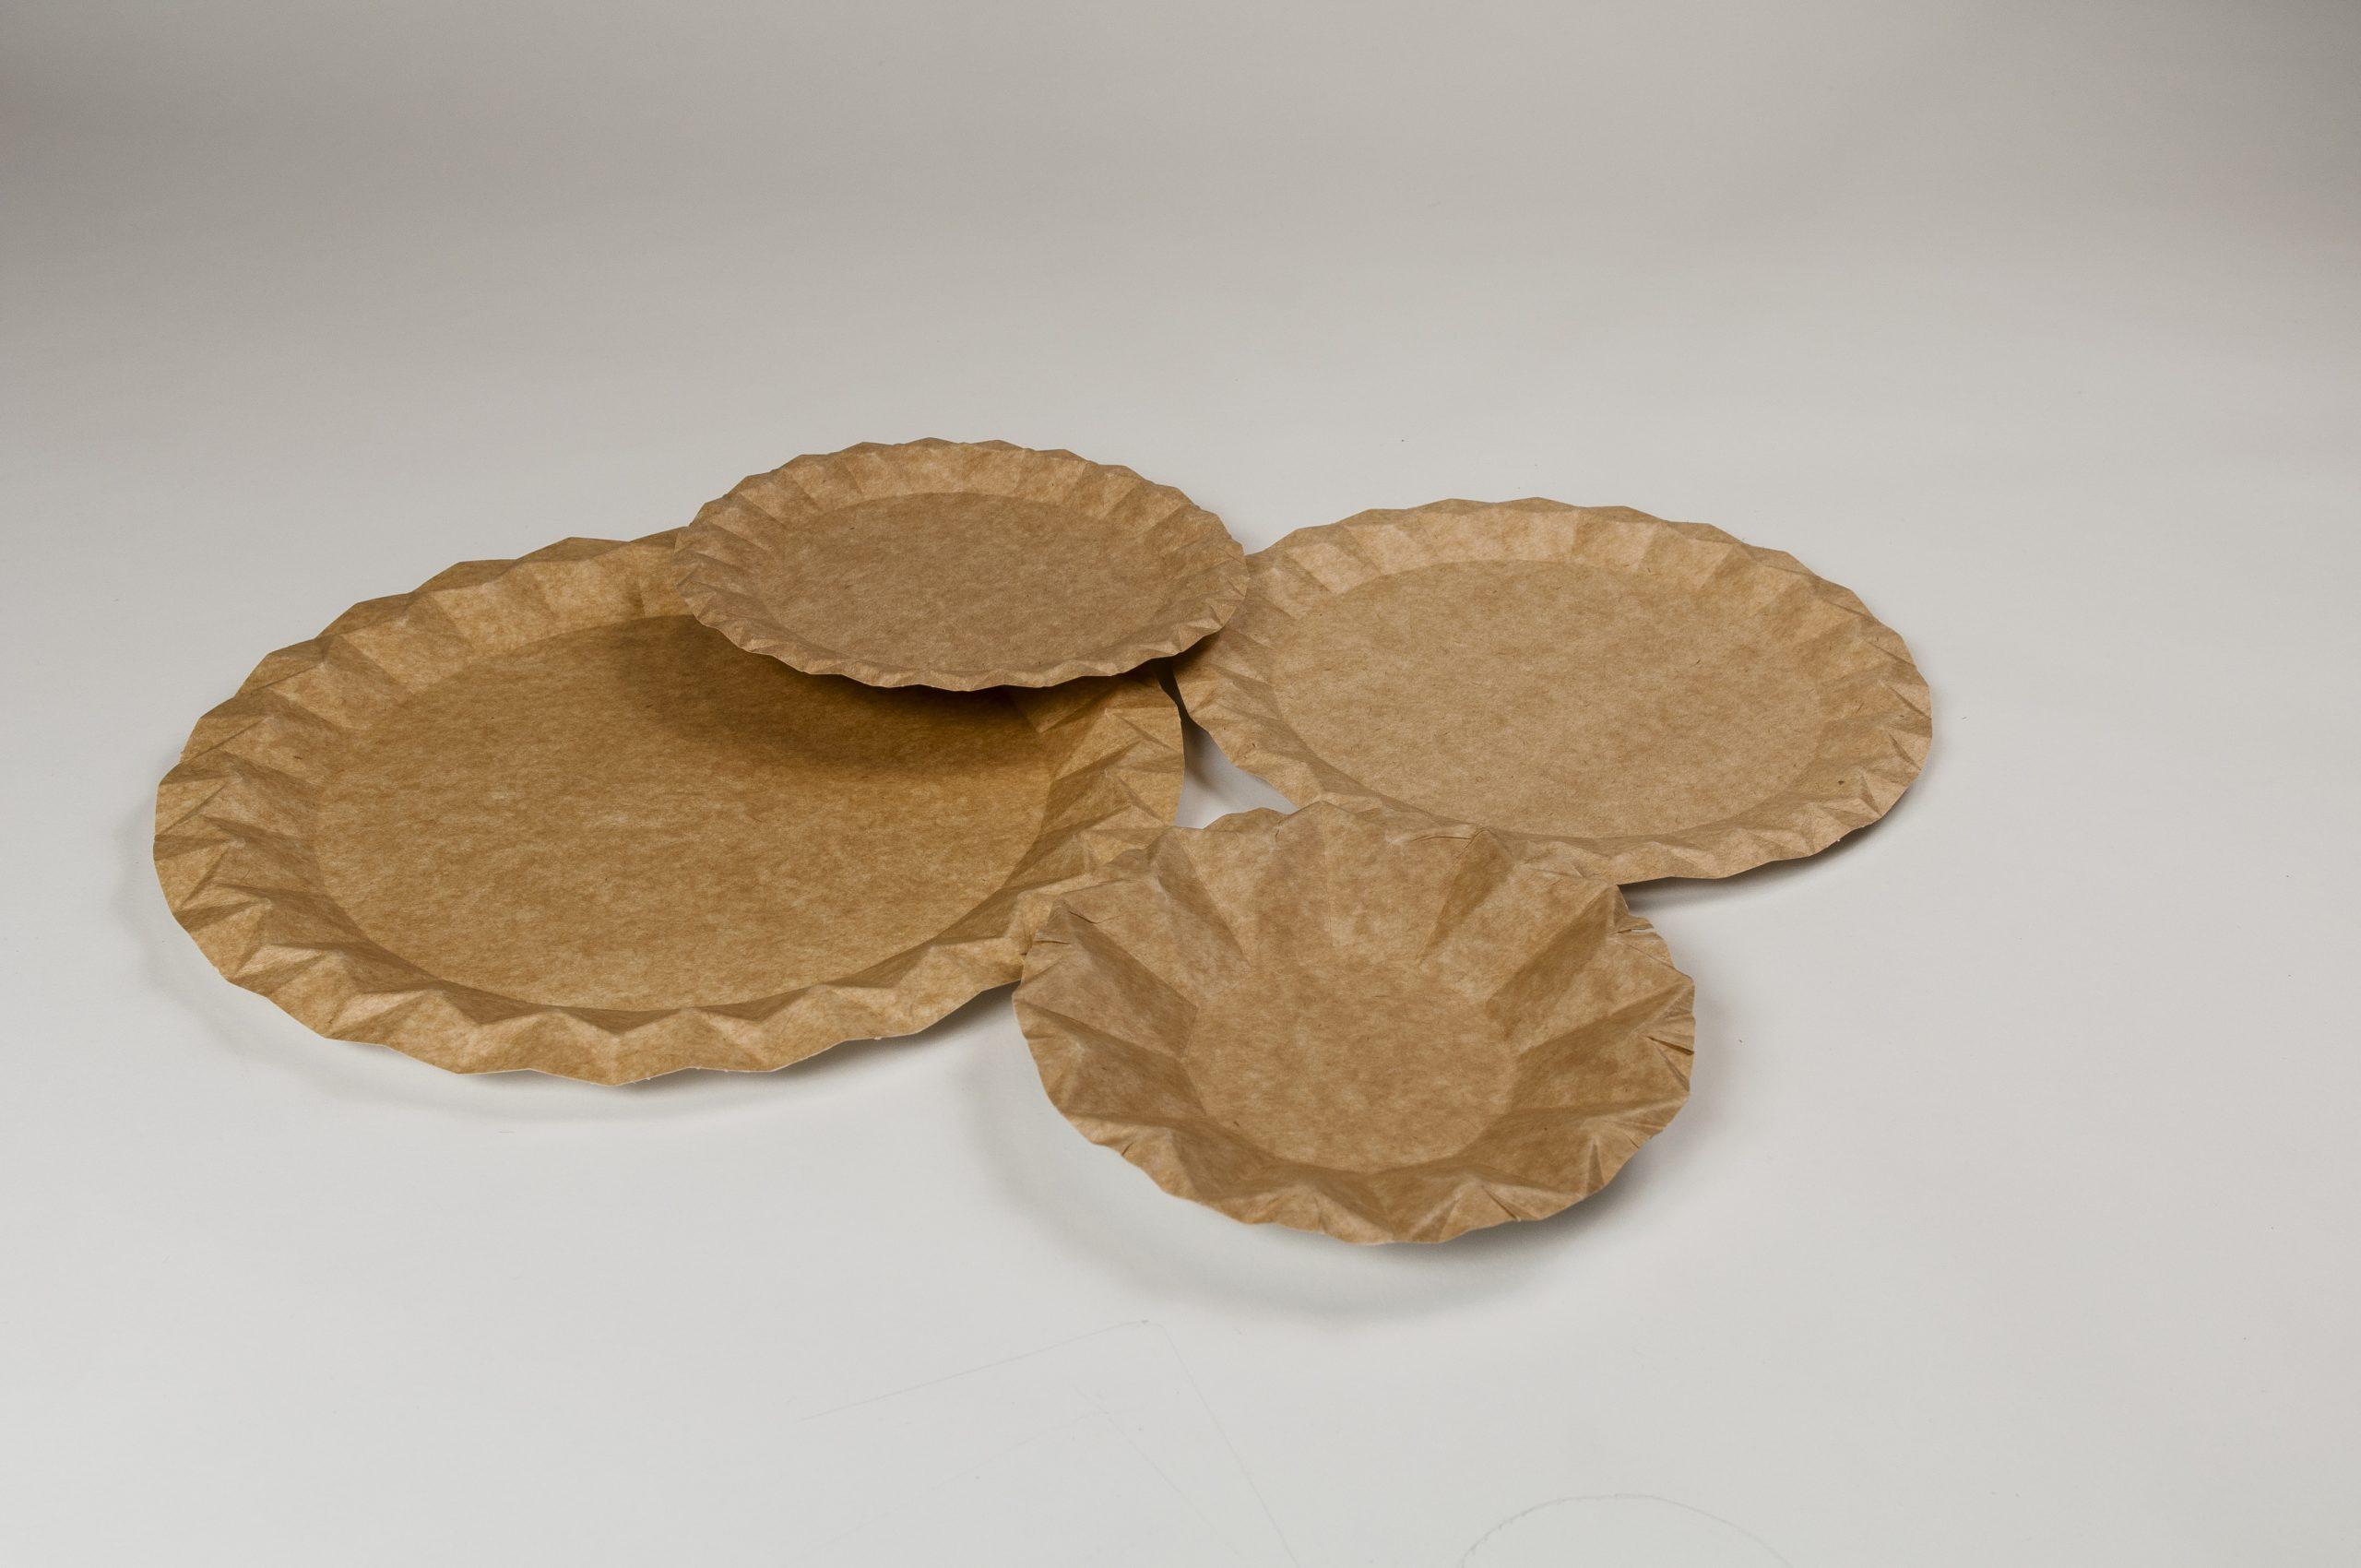 assiettes kraft zeapack sans plastique